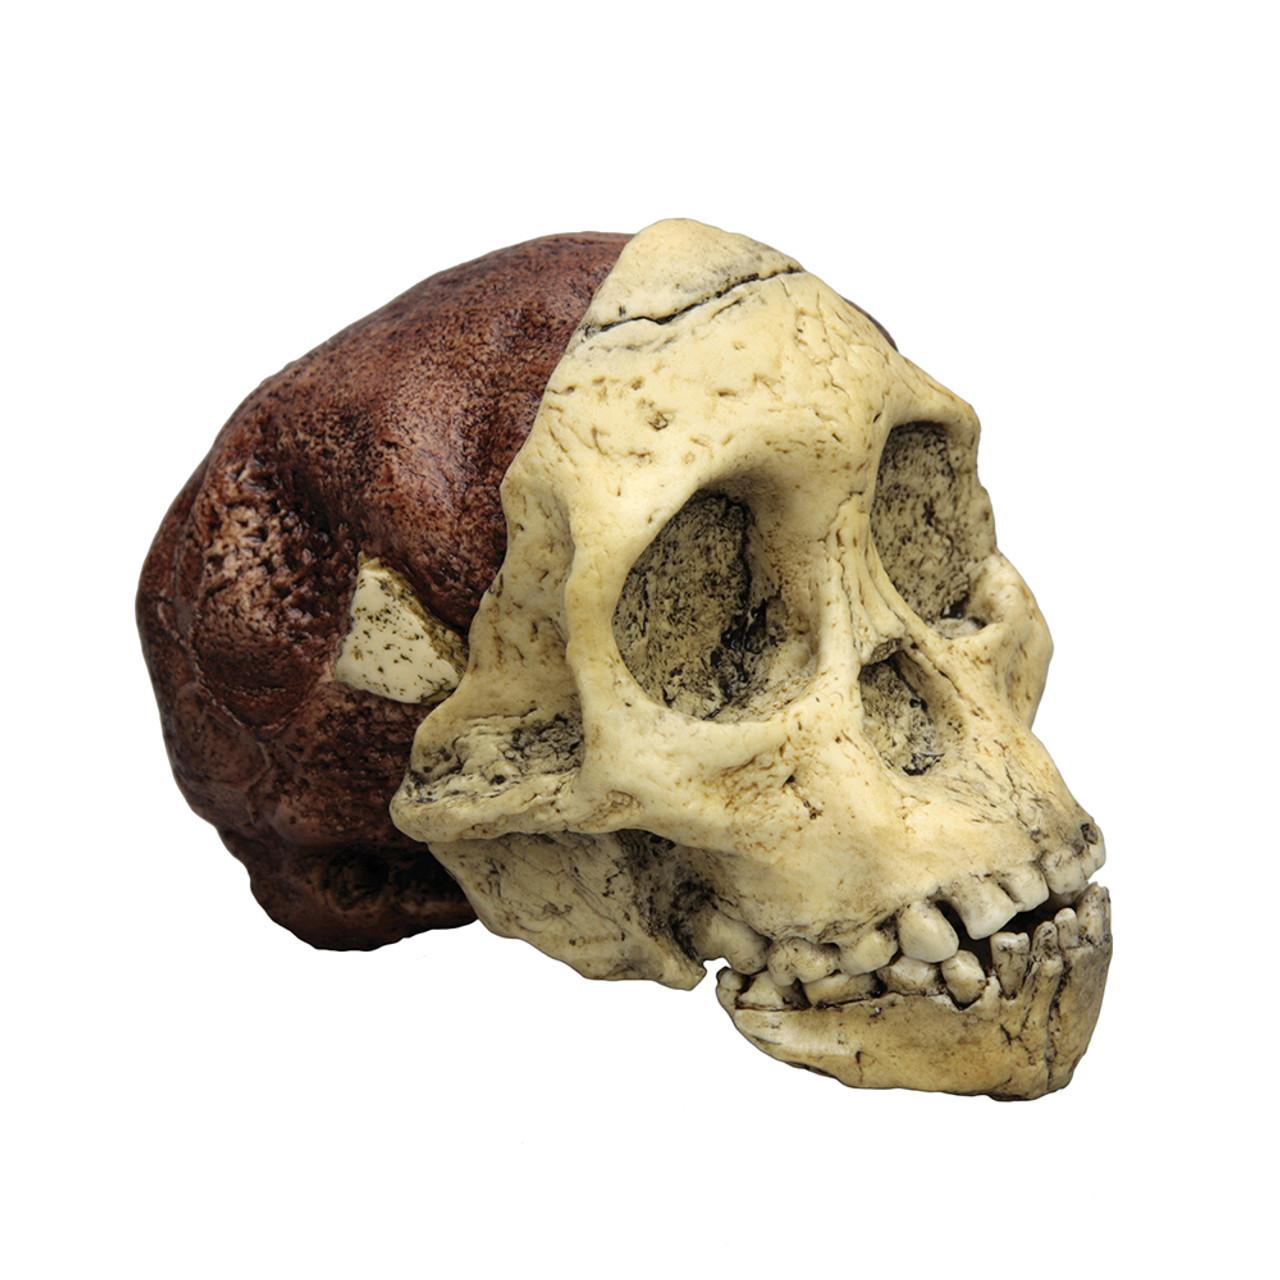 BH016 - Australopithecus africanus, 'Taung Child'